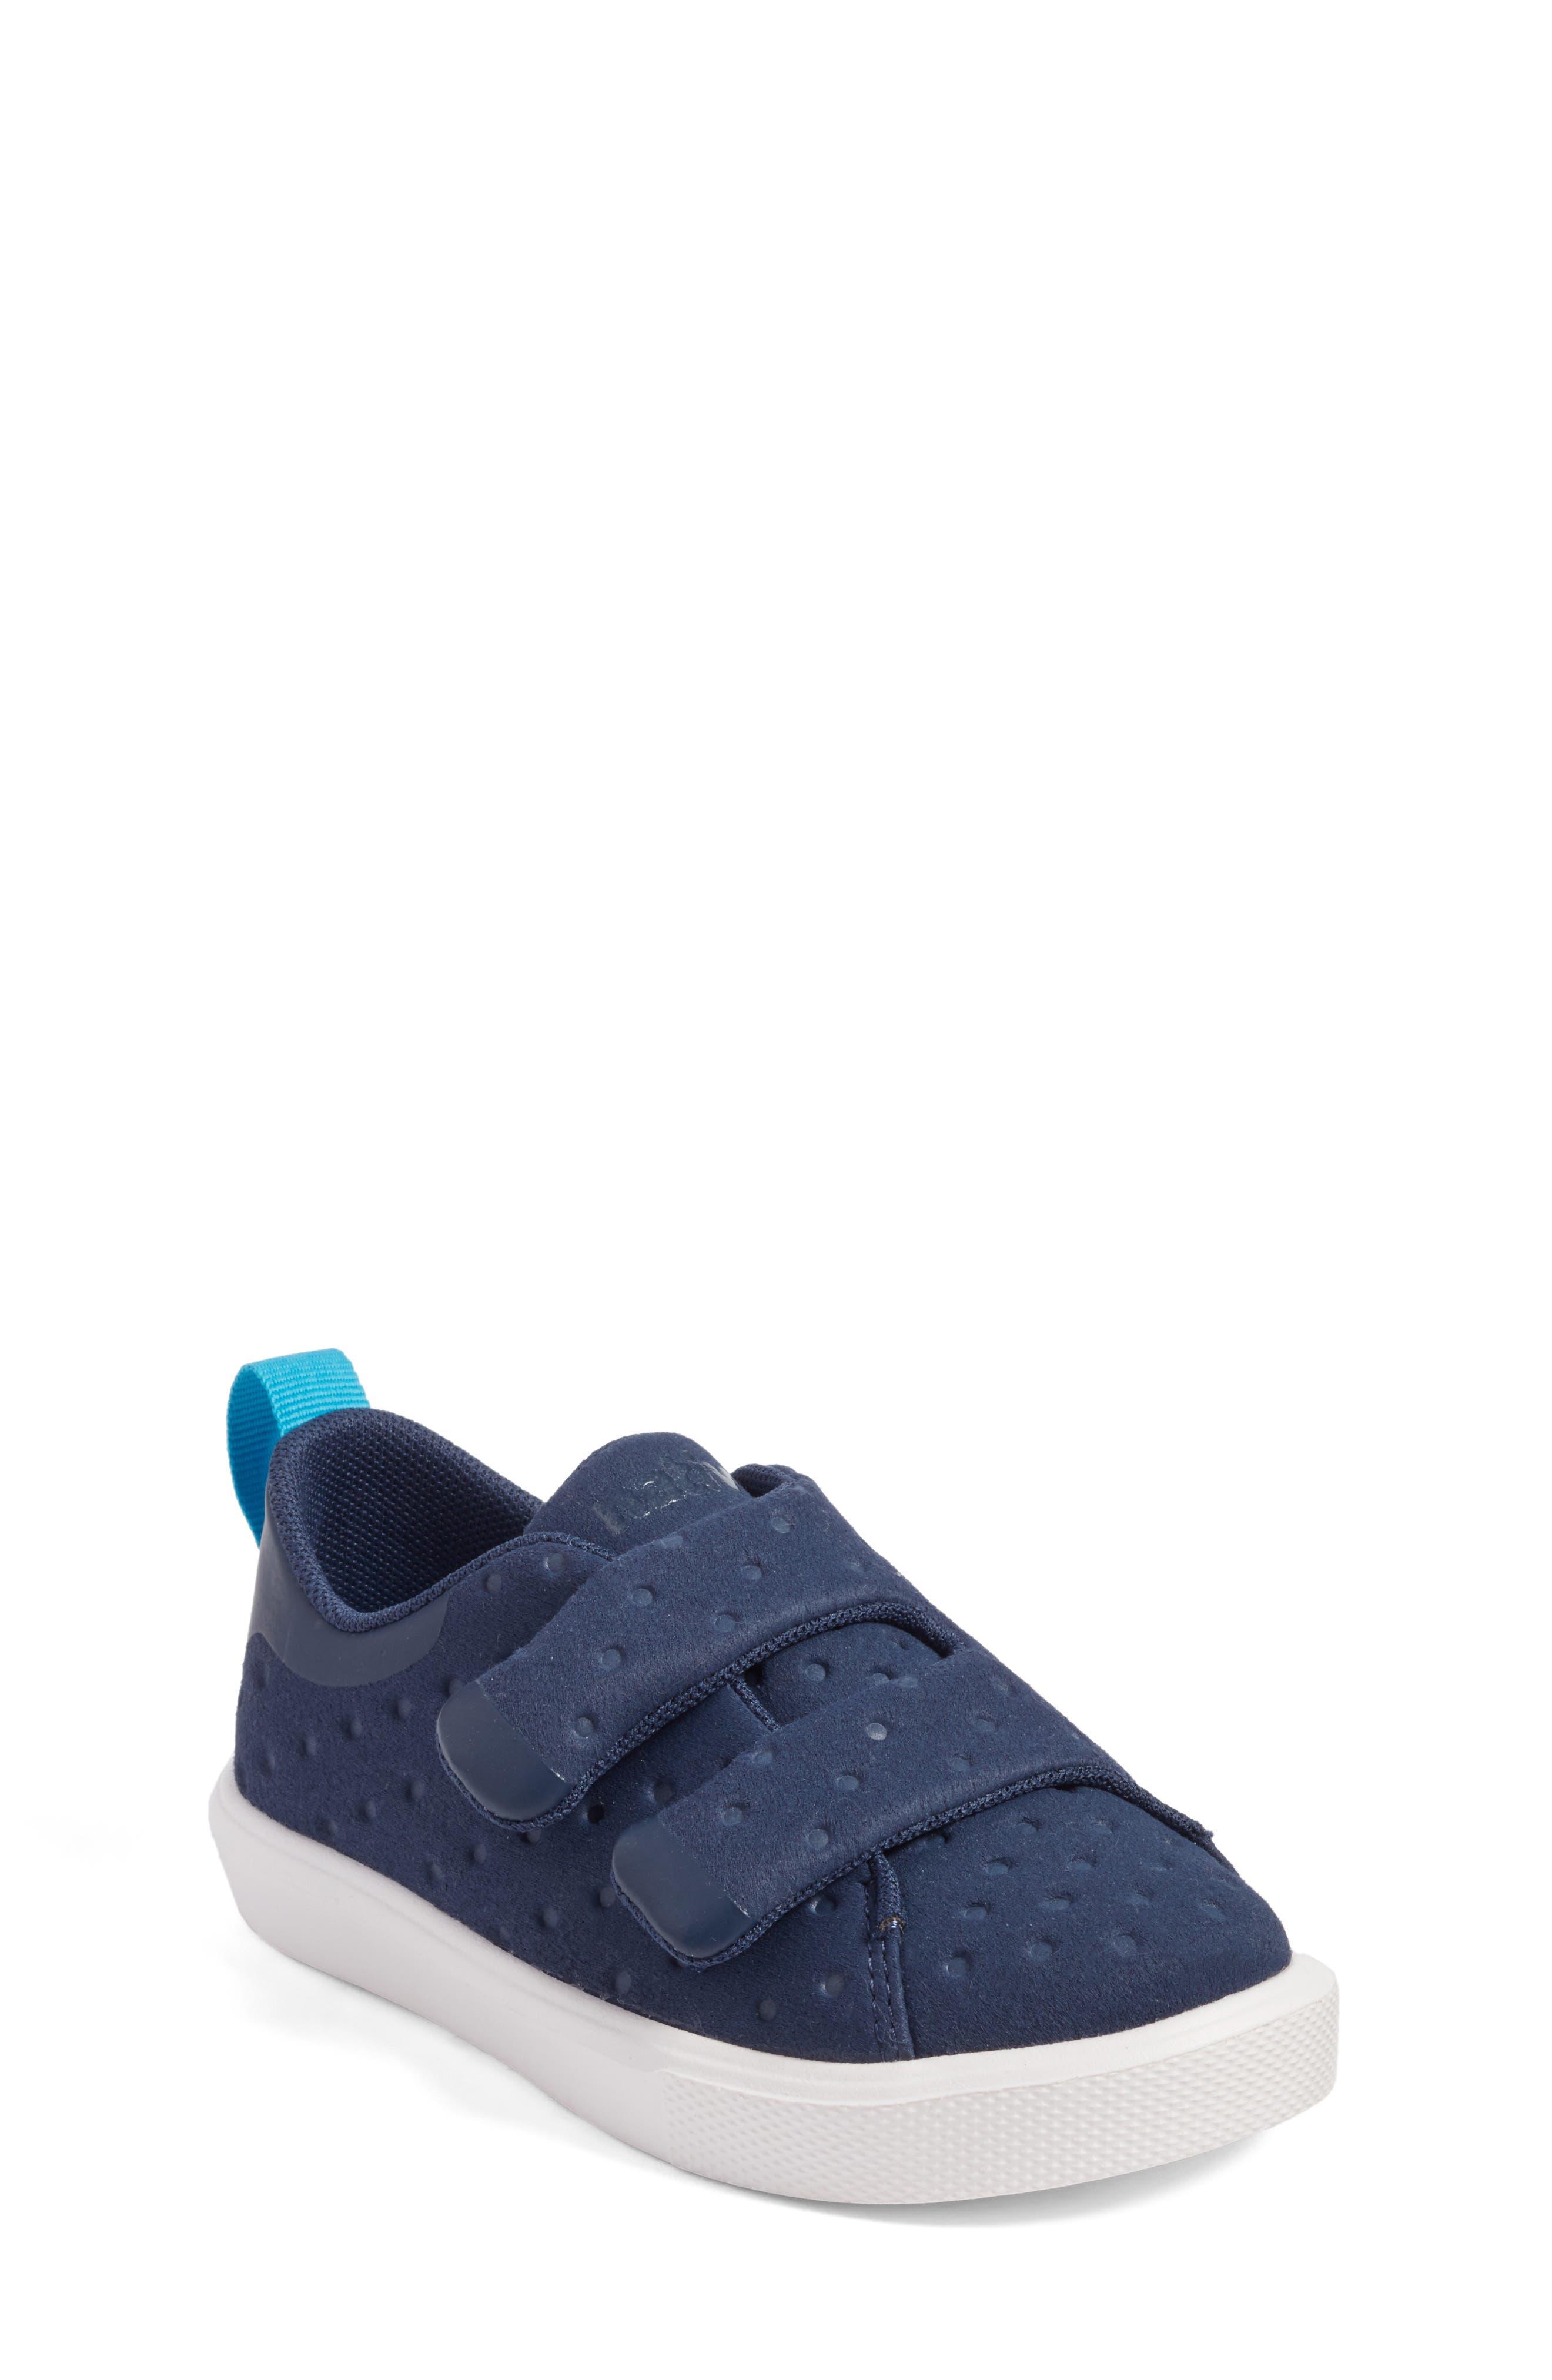 Monaco Sneaker,                         Main,                         color, REGATTA BLUE/ SHELL WHITE